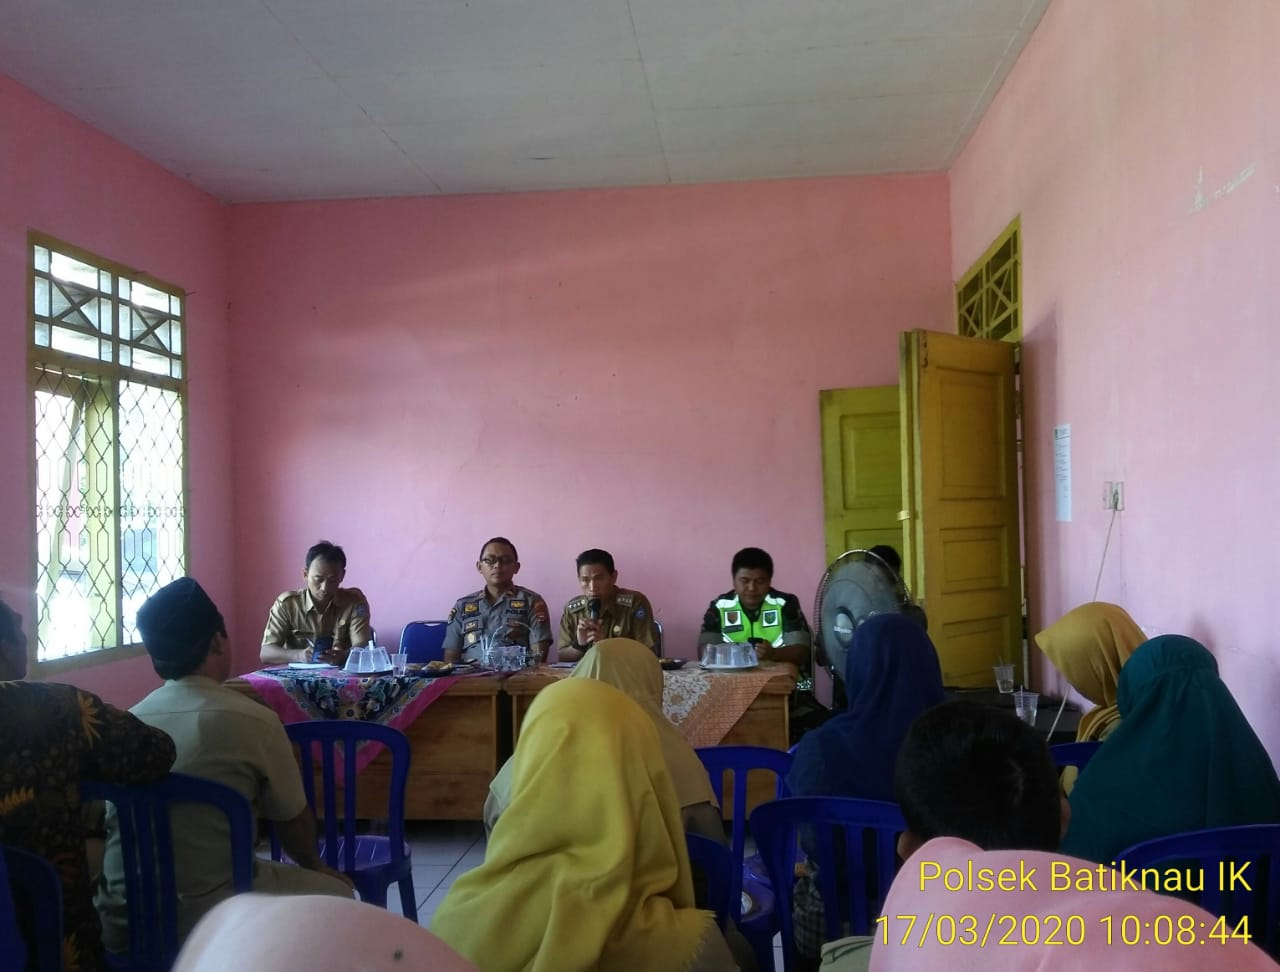 Hasil Rakor, Kecamatan Batiknau Bentuk Posko Pencegahan Virus Corona